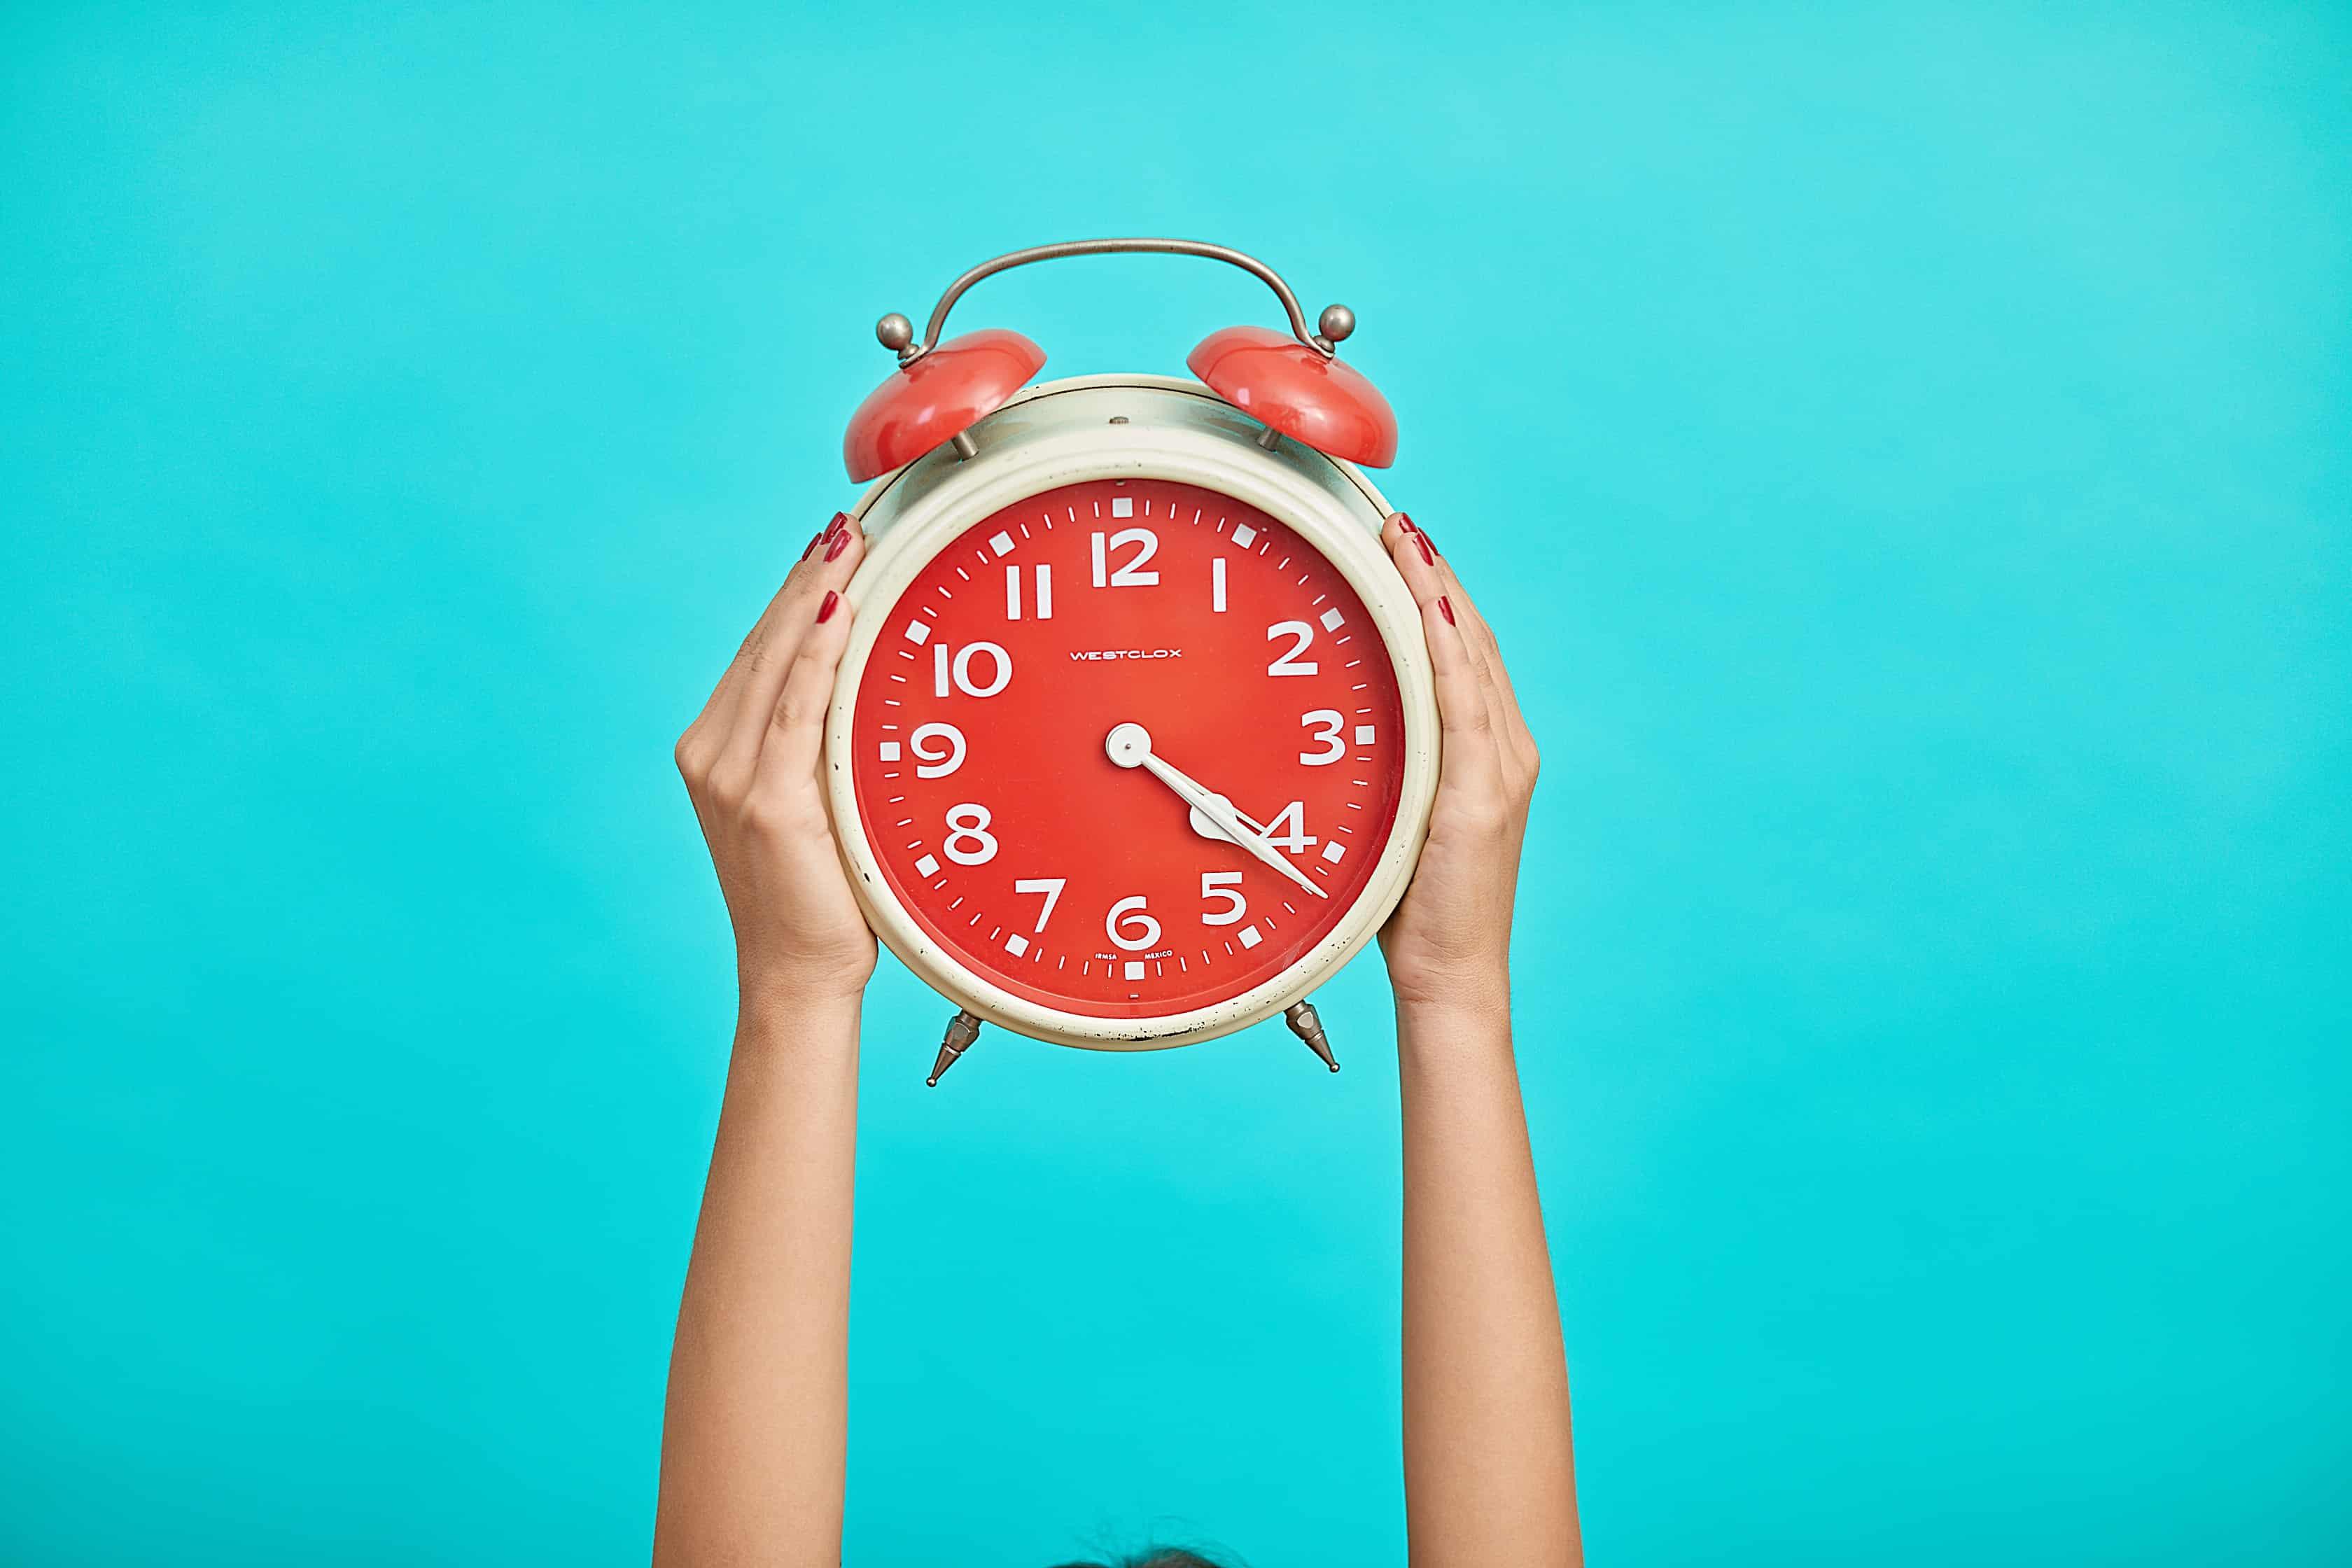 How much sleep article, Sleep A-Z, alarm clock image